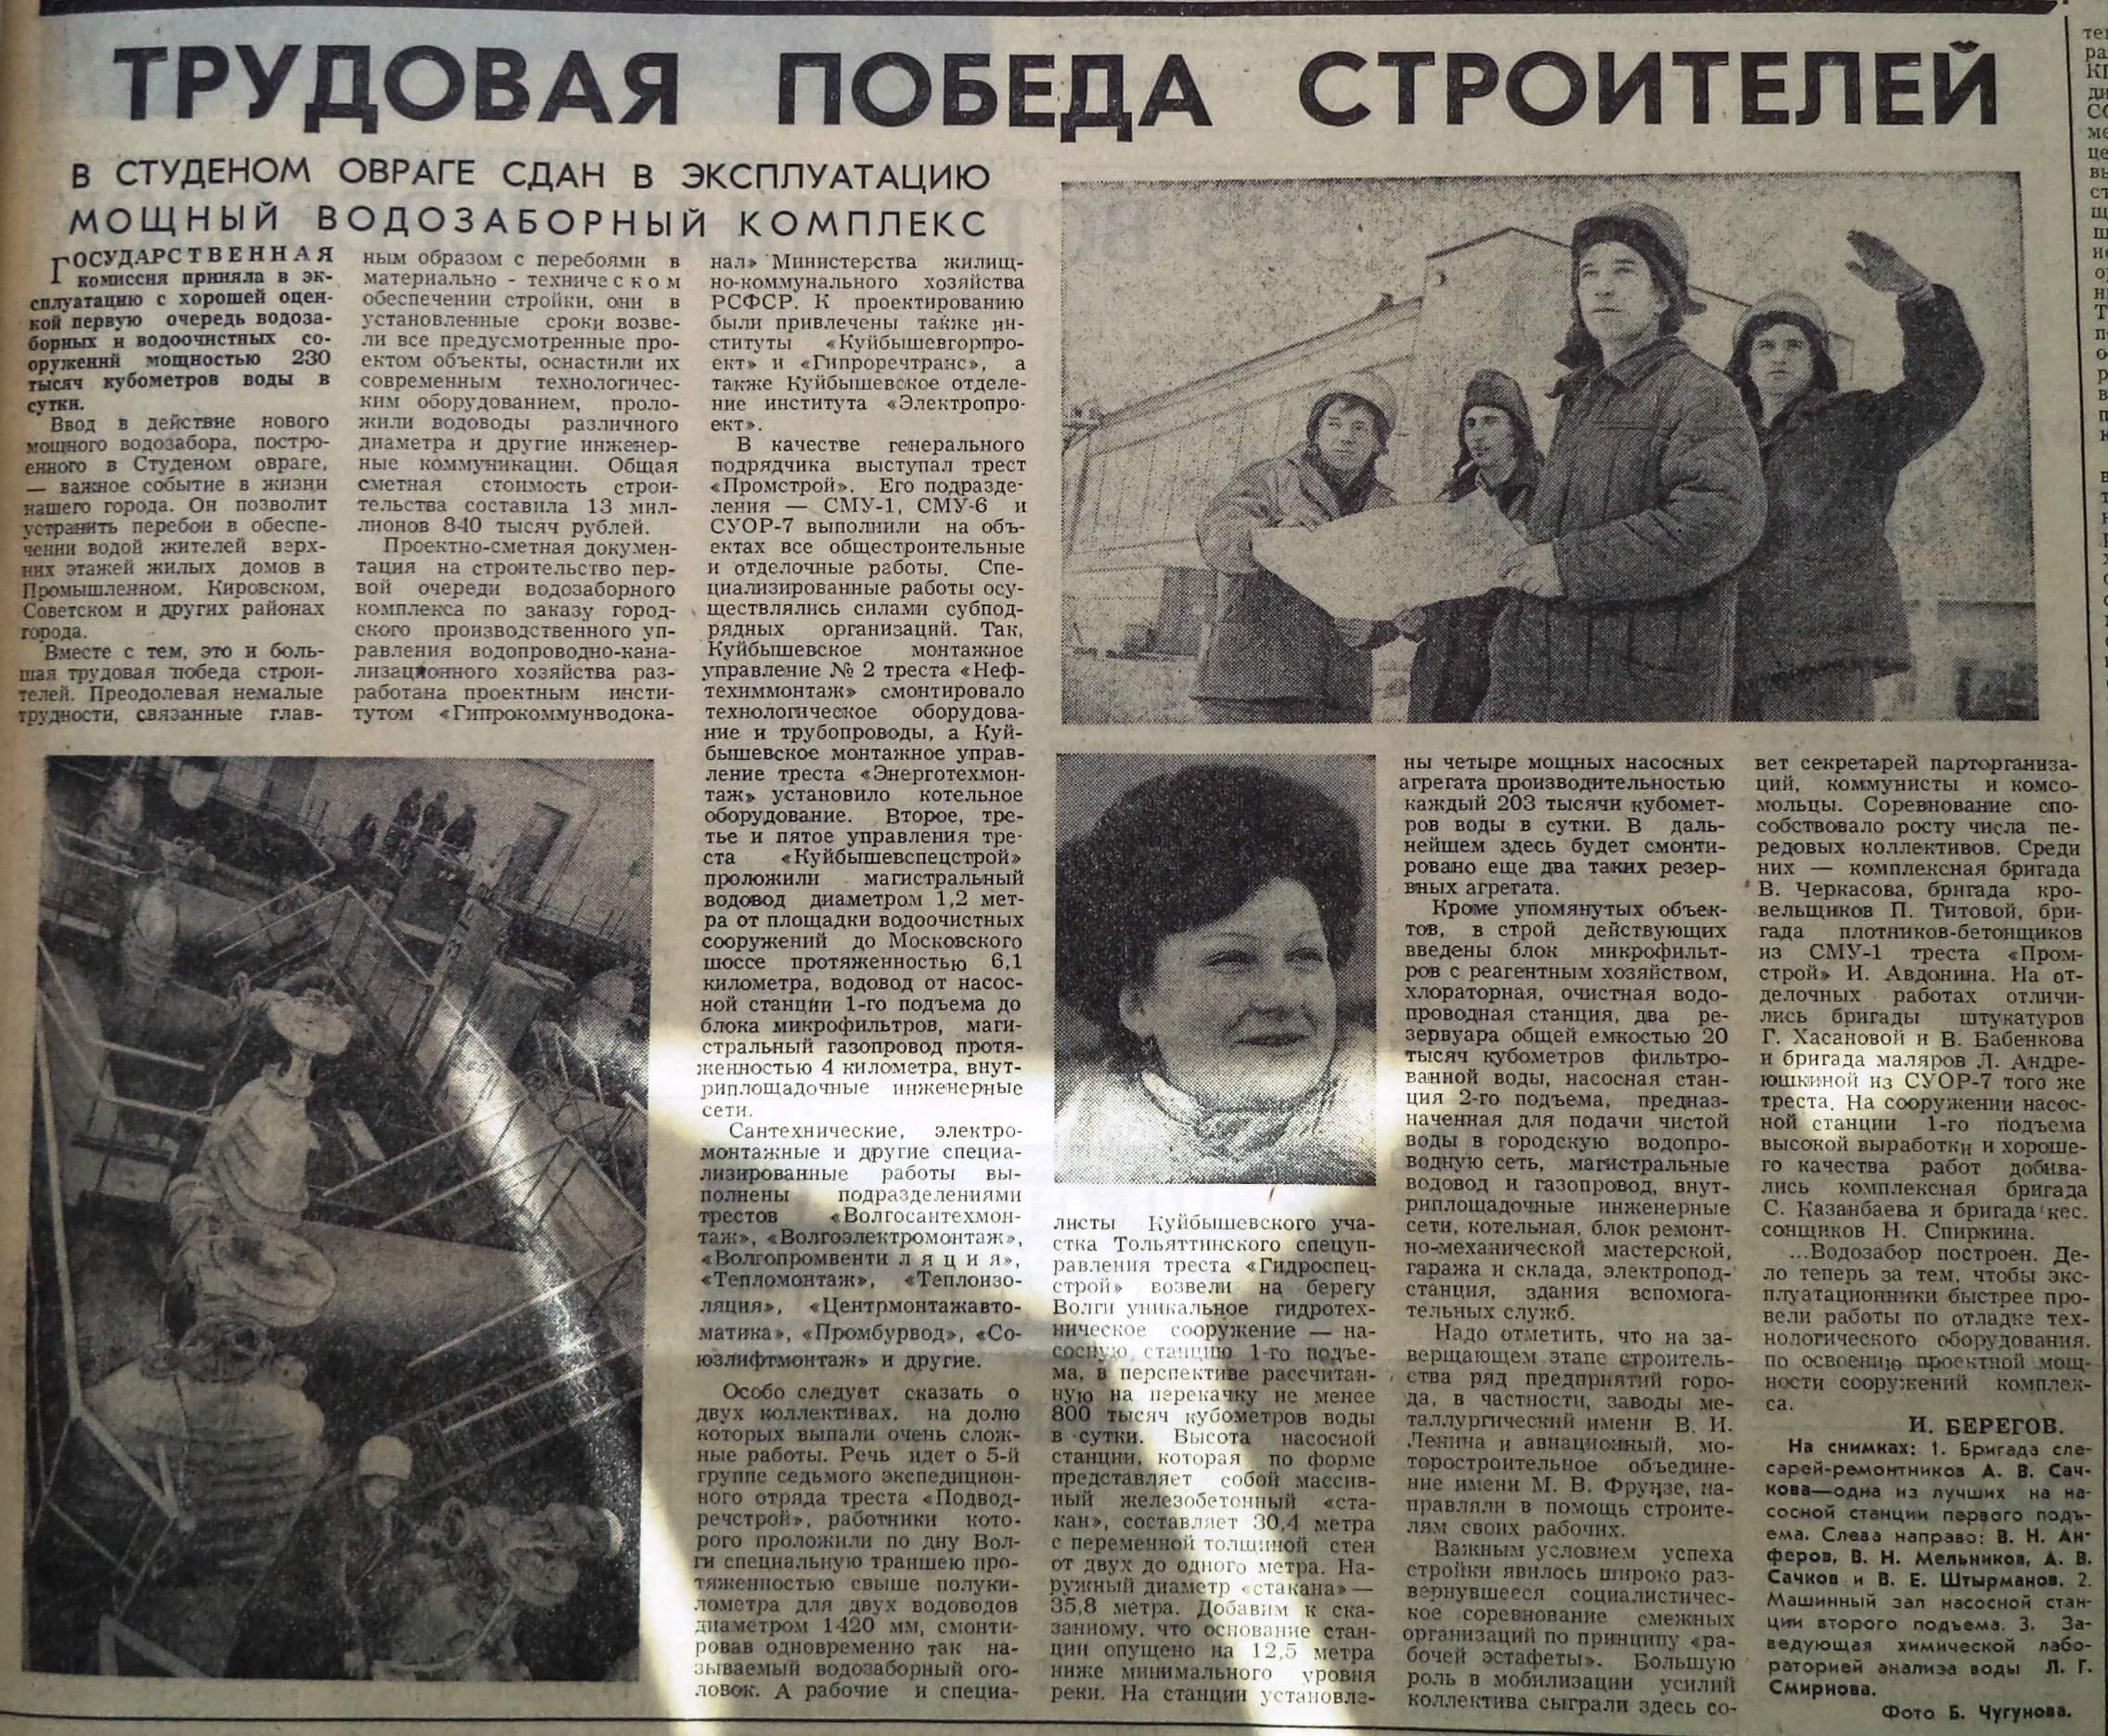 Студёный овраг-ФОТО-16-ВЗя-1984-01-06-очистные в Студ.овраге-min